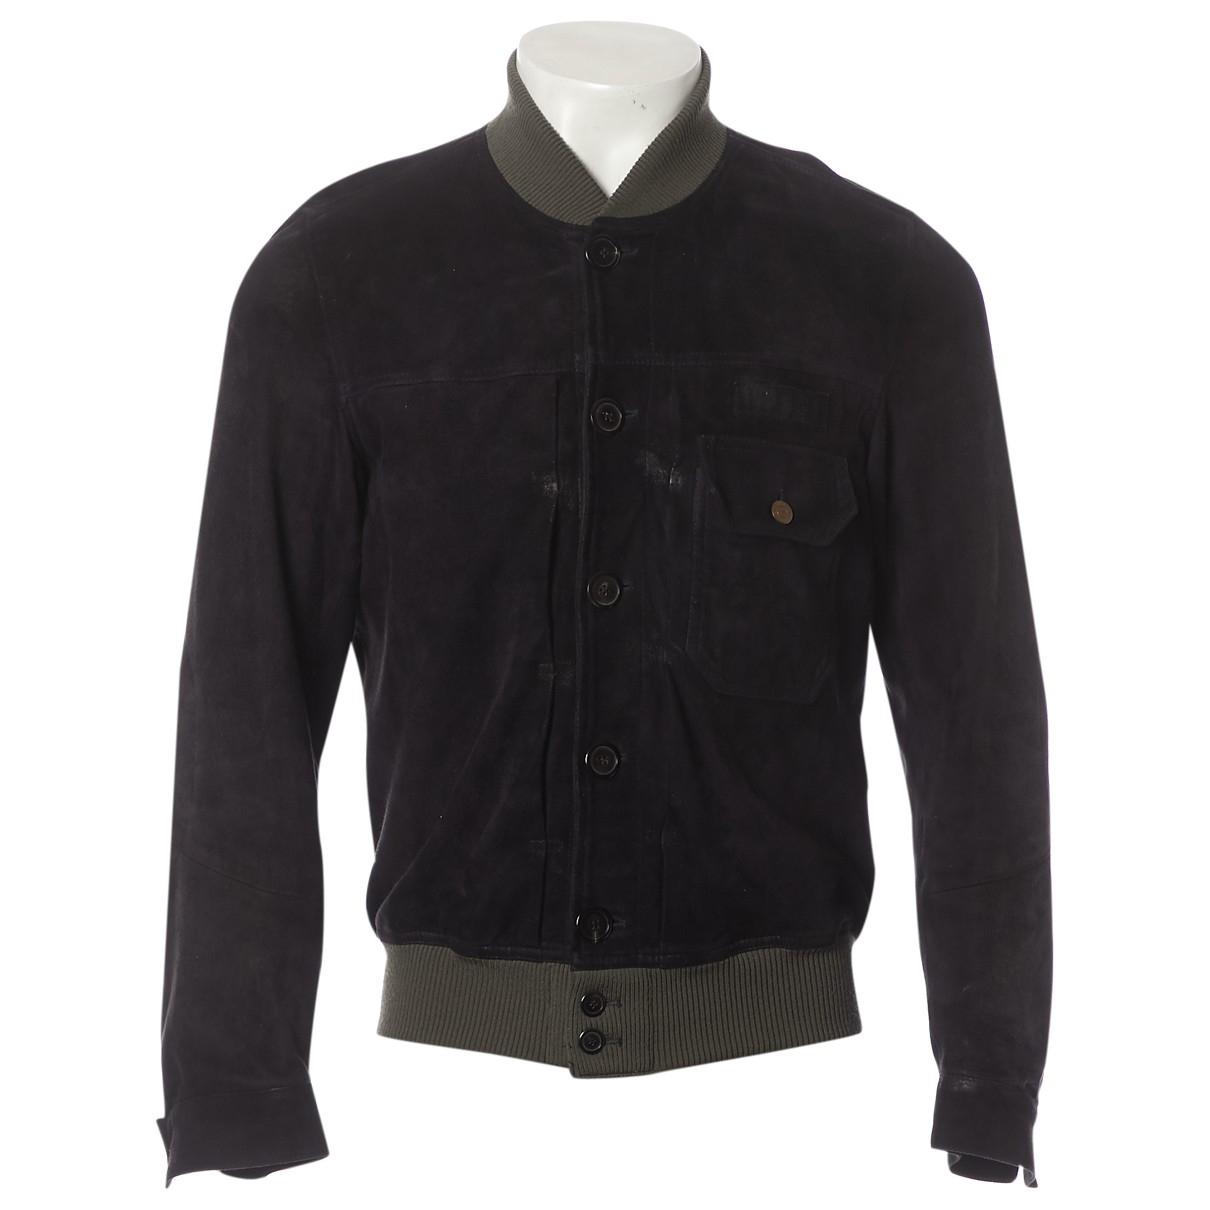 Golden Goose \N Black Leather jacket  for Men S International